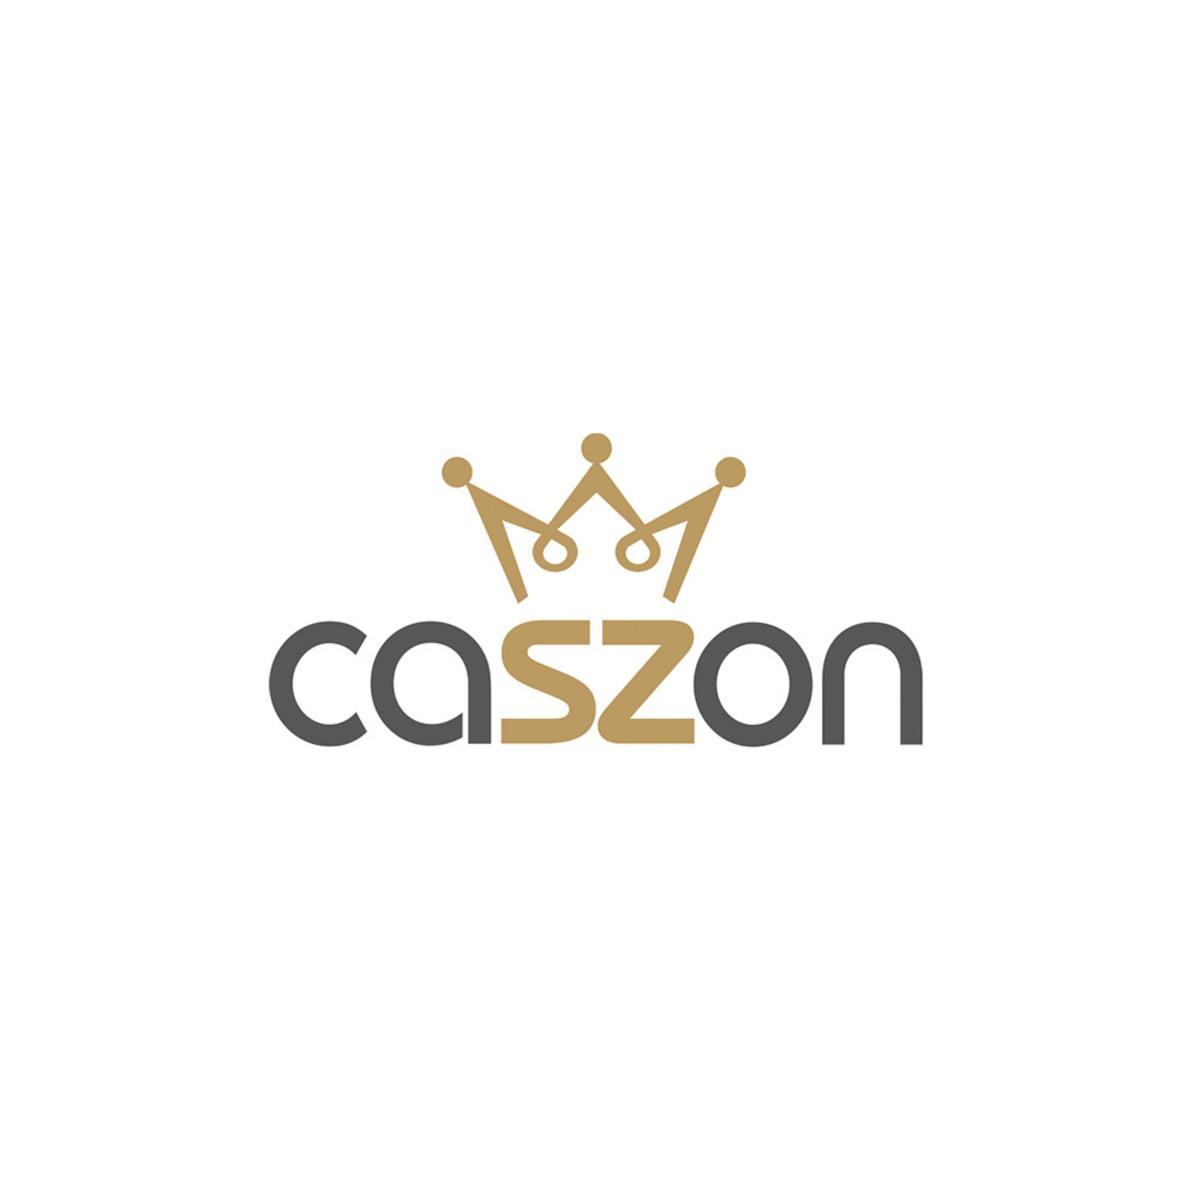 """Bild 4 von Caszon LED Design Tischleuchte """"Blume"""""""